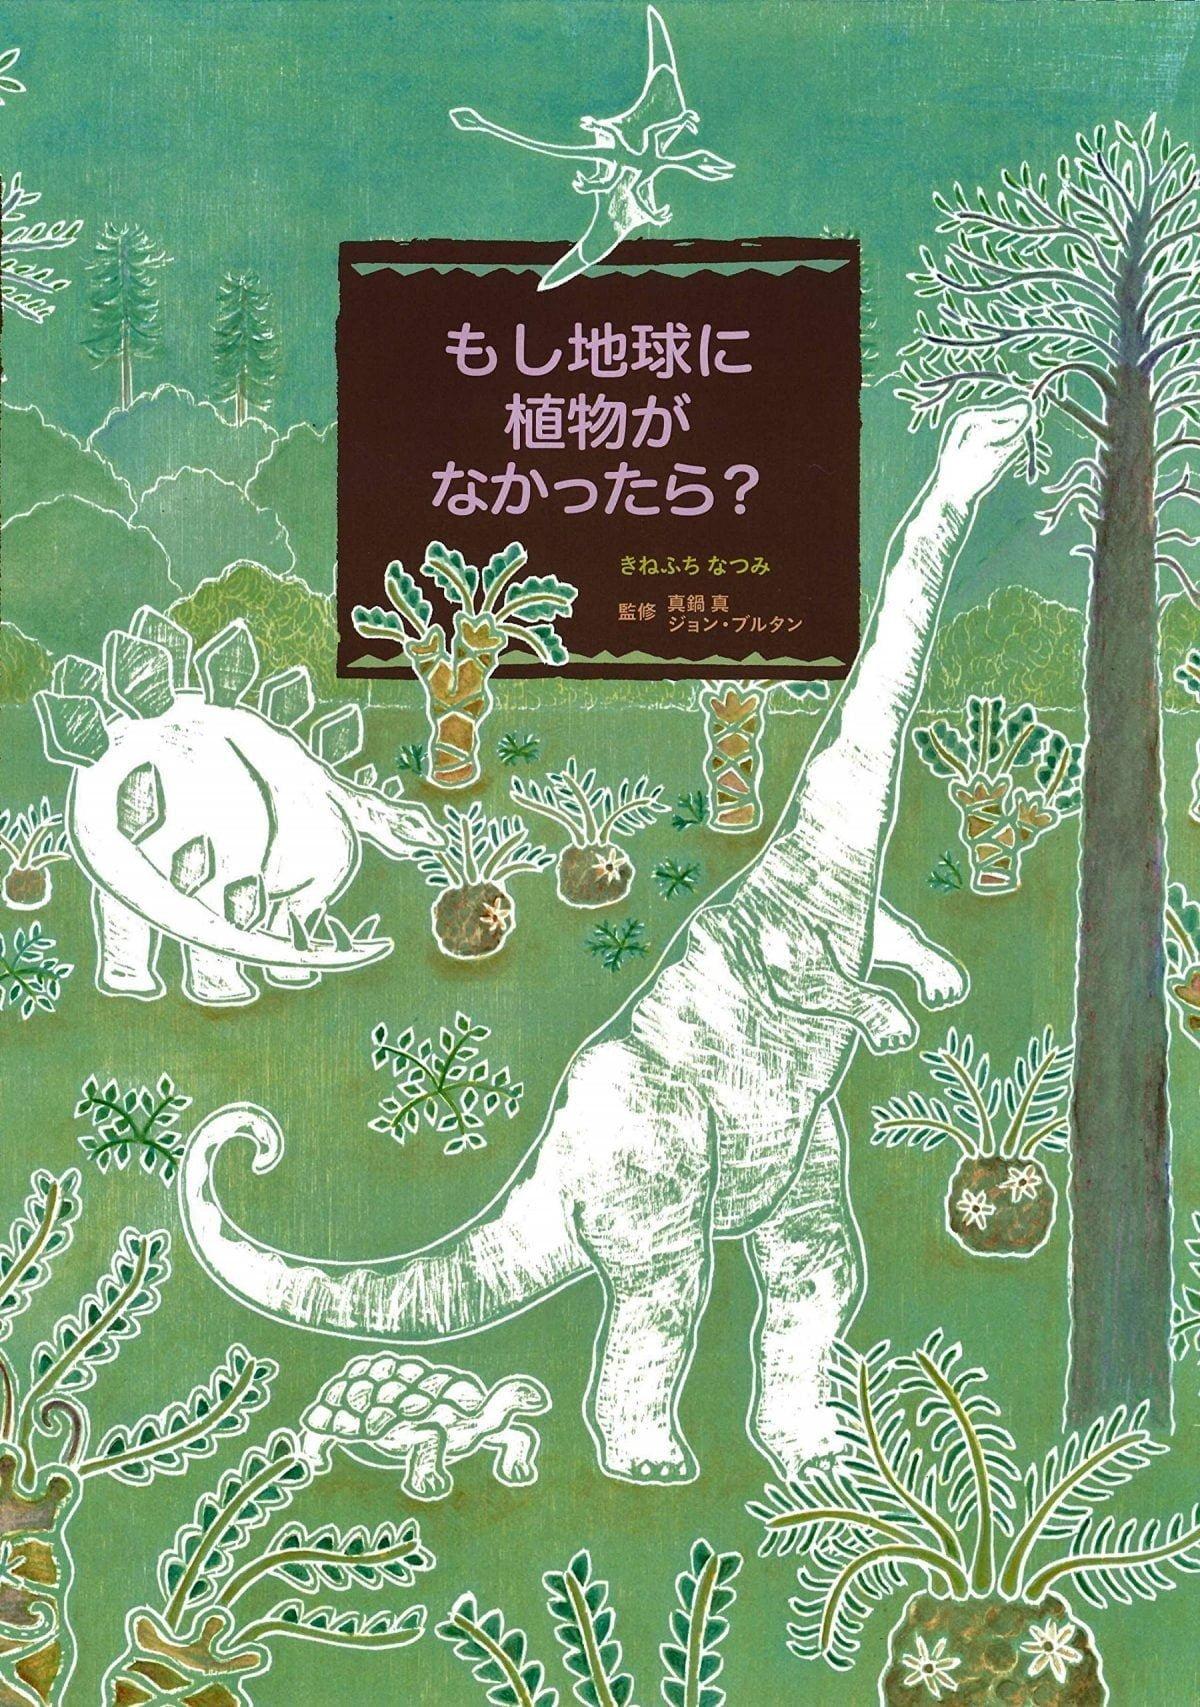 絵本「もし地球に植物がなかったら?」の表紙